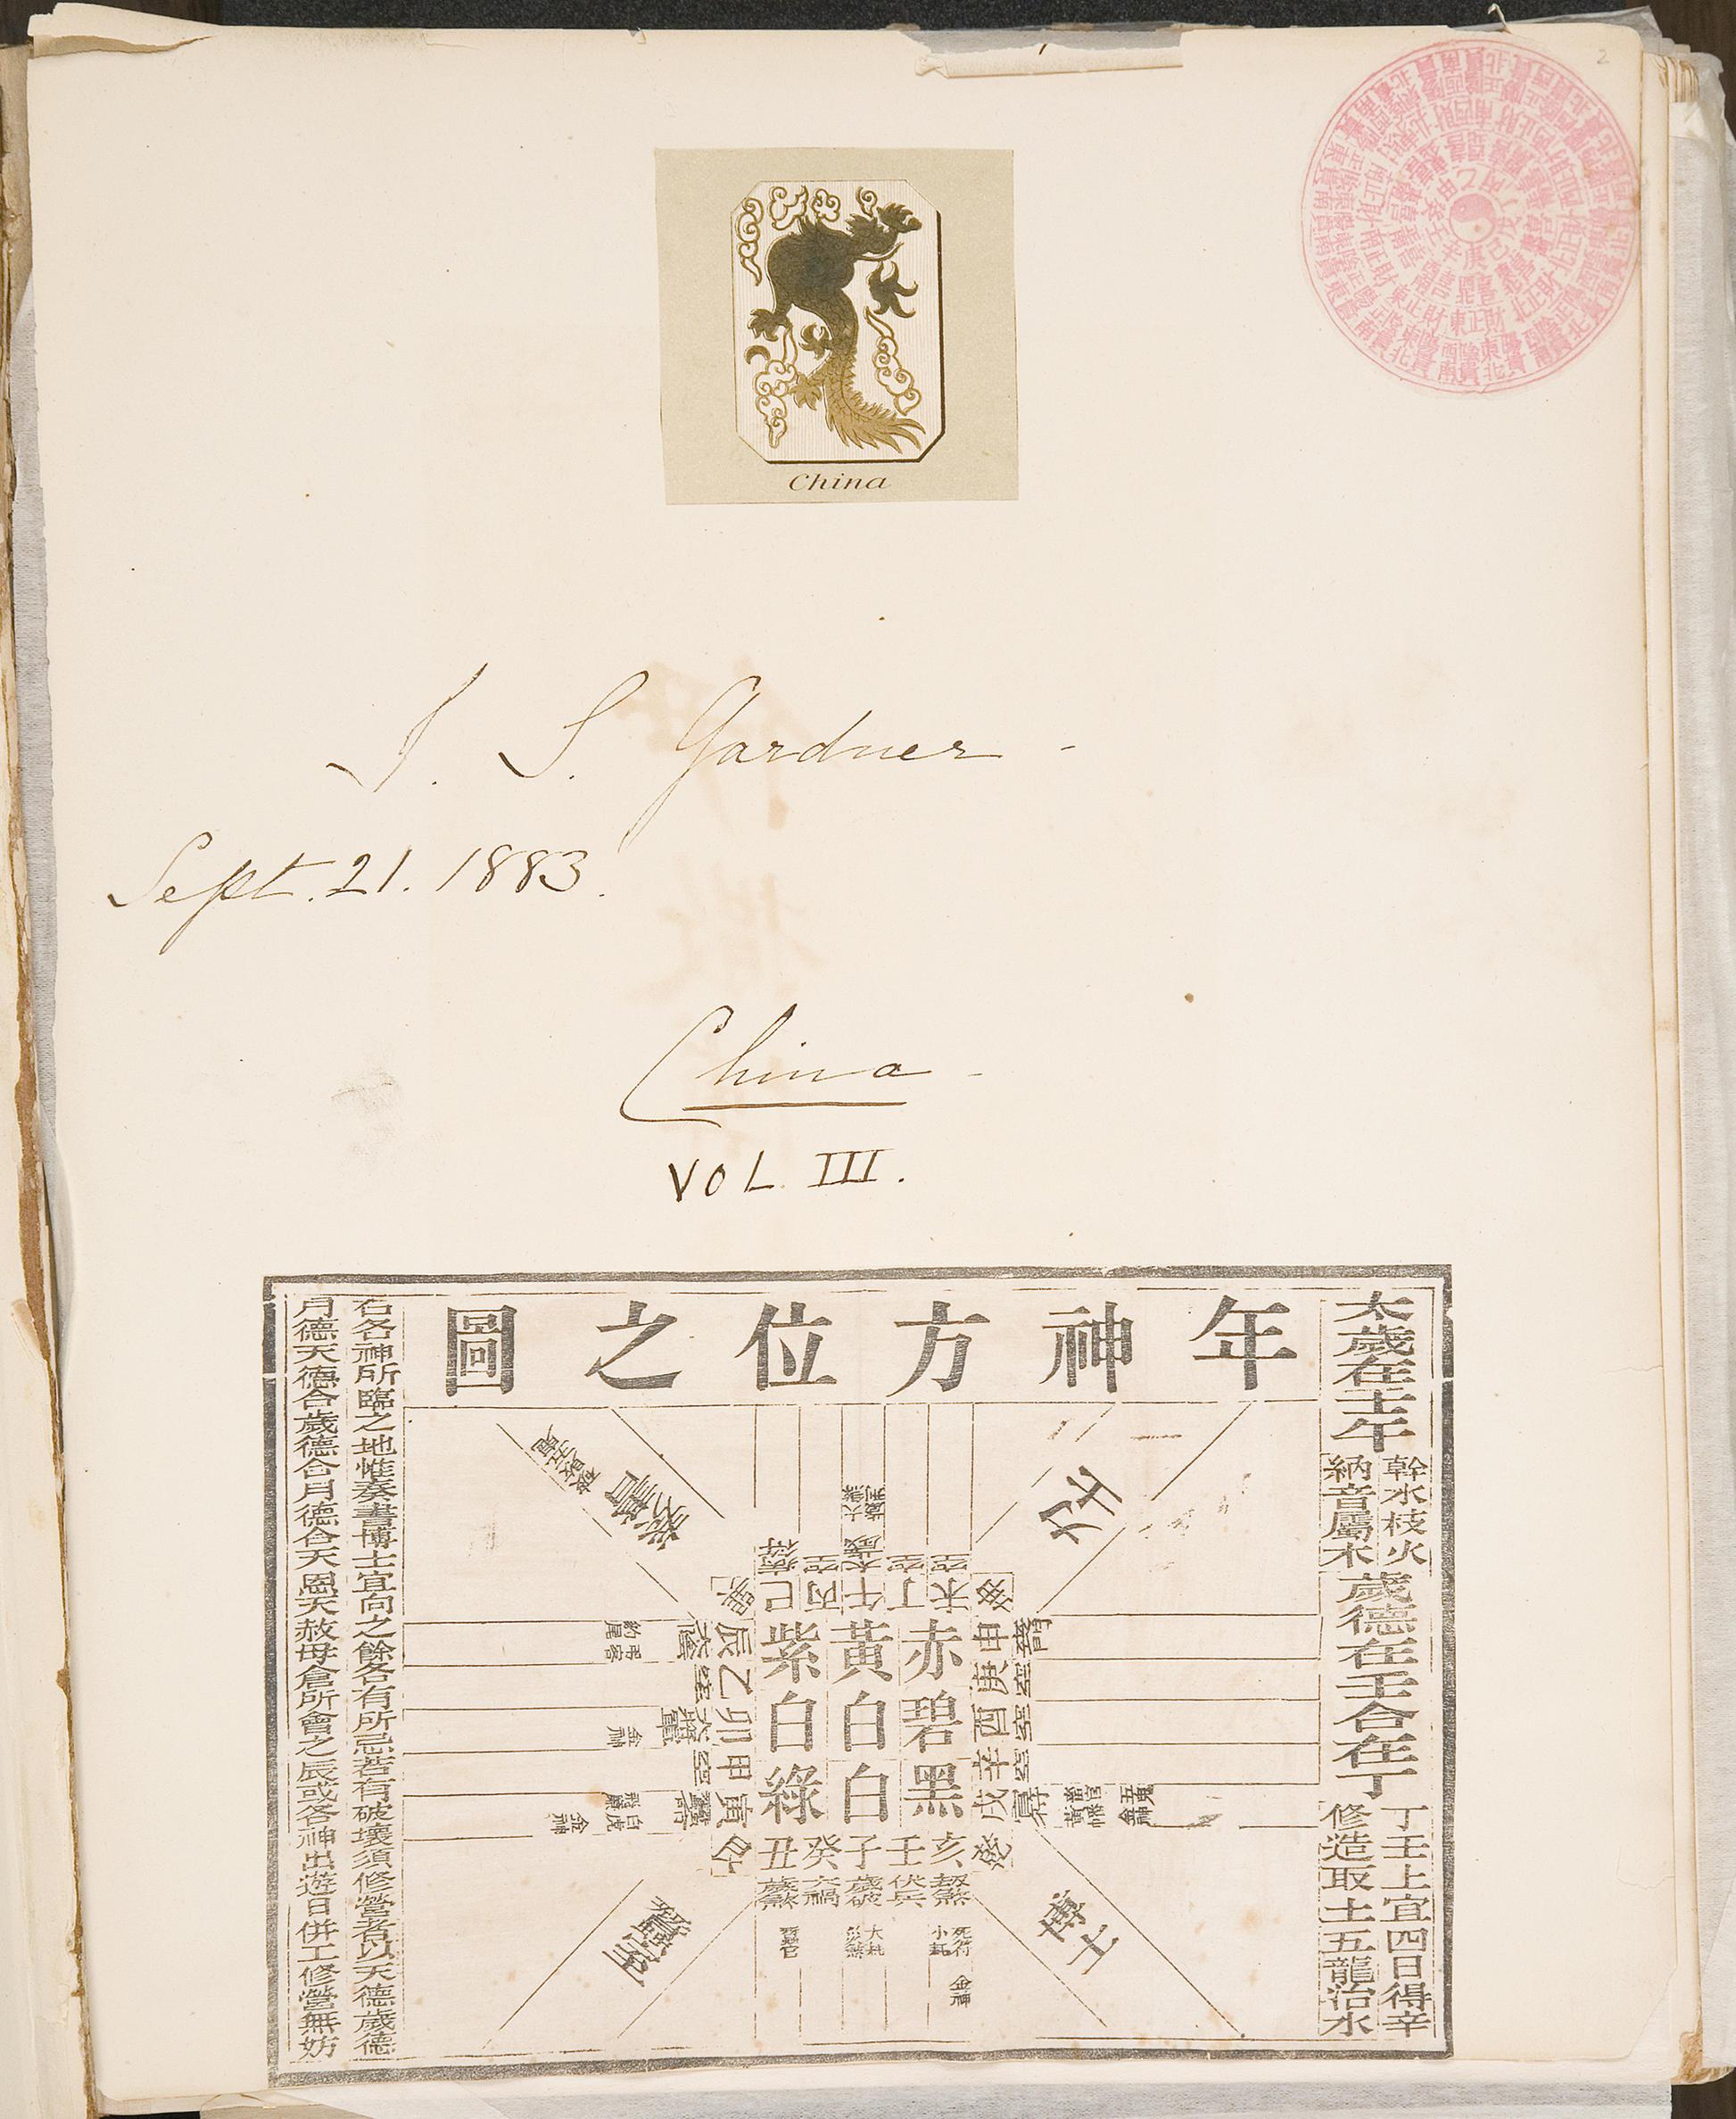 Isabella Stewart Gardner (American, 1840–1924), Travel Album: China, 1883, page 2